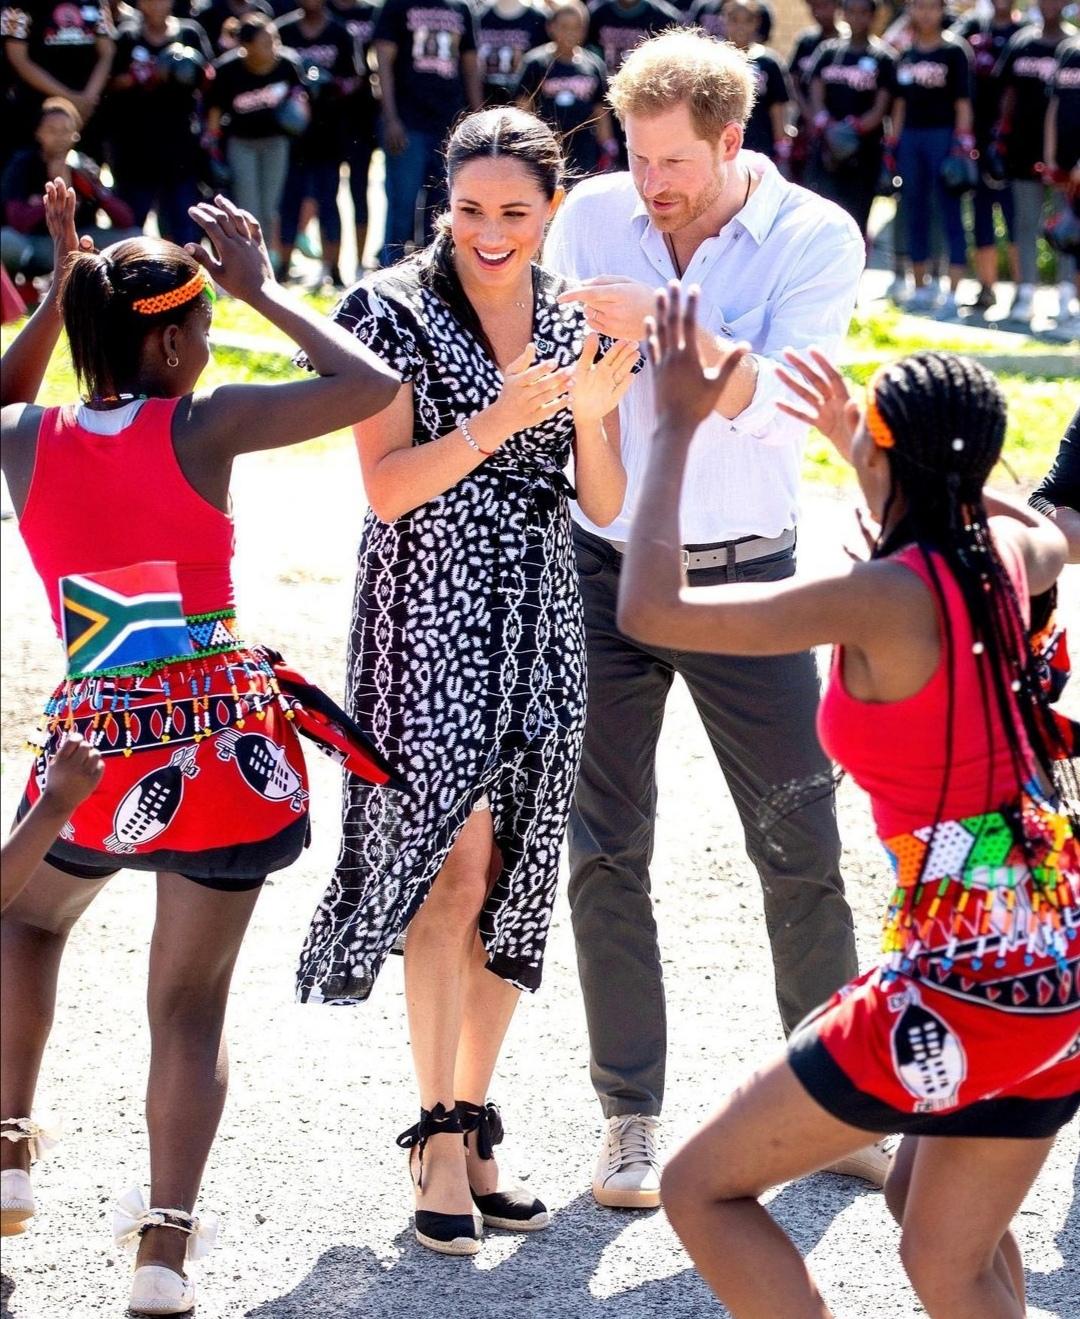 ميغان وهاري في جنوب إفريقيا- الصورة من حساب دوق ودوقة ساسكس على إنستغرام